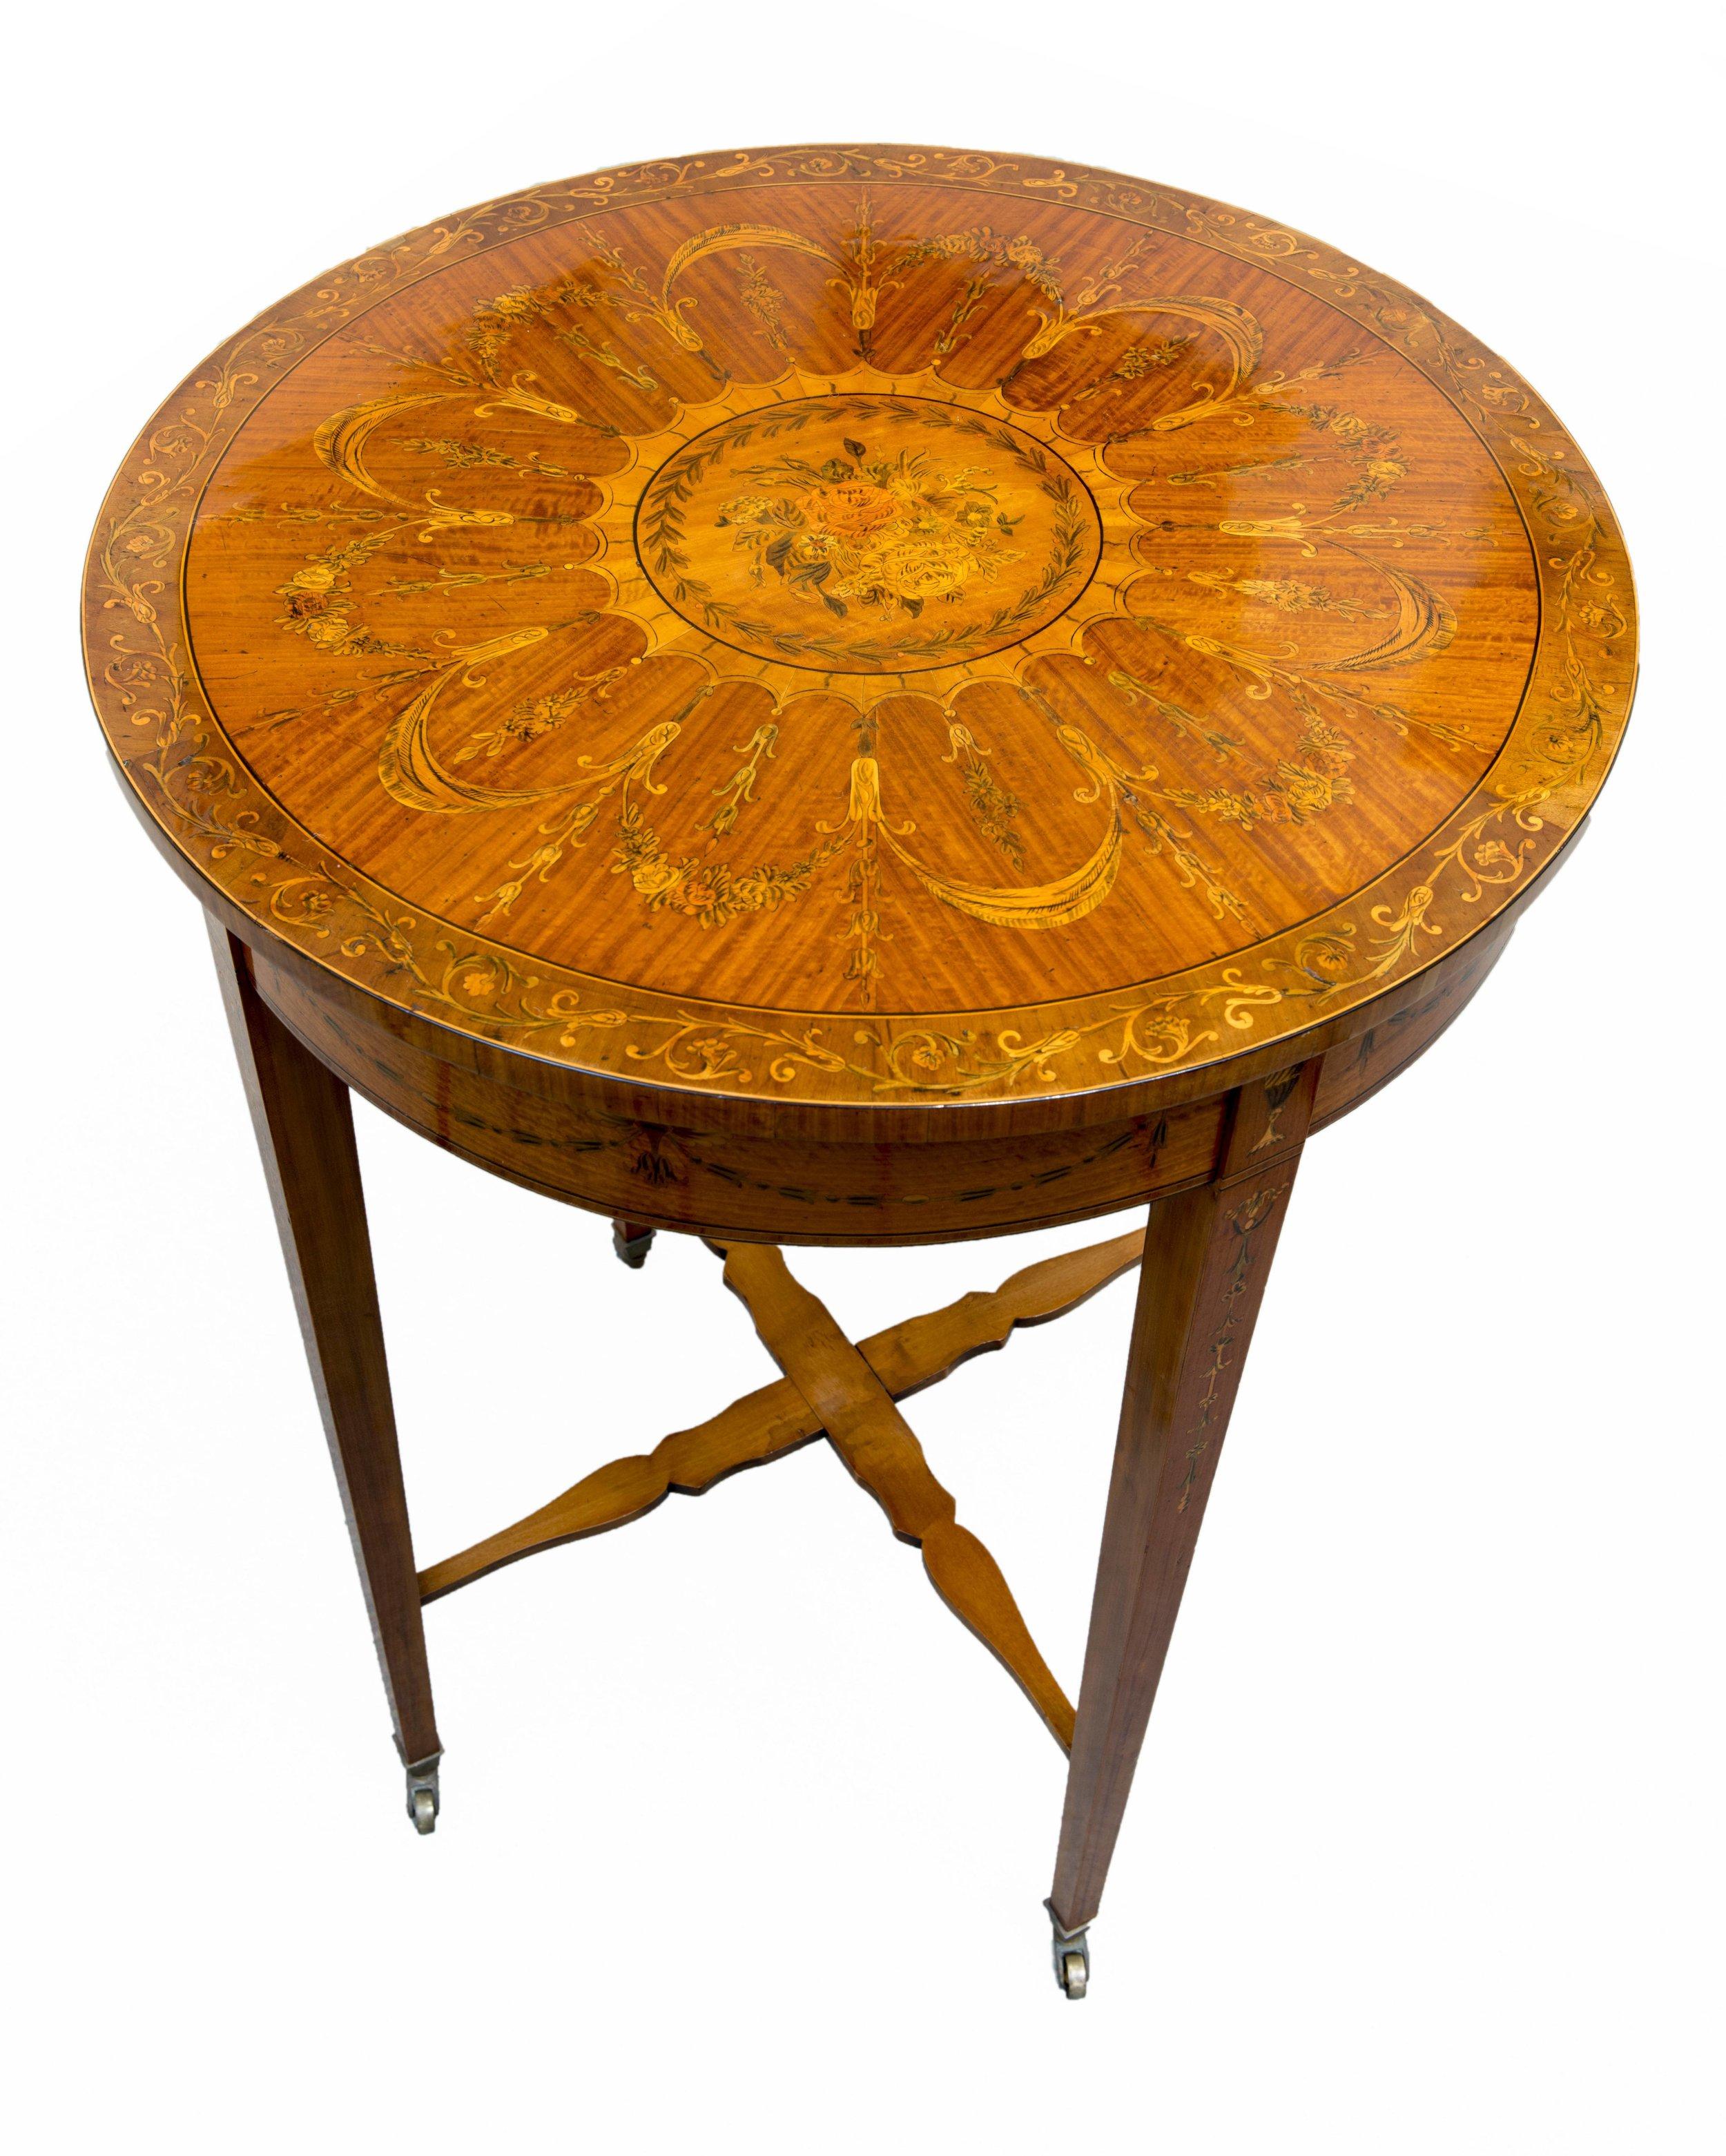 15 Wilsons inlaid table.jpg